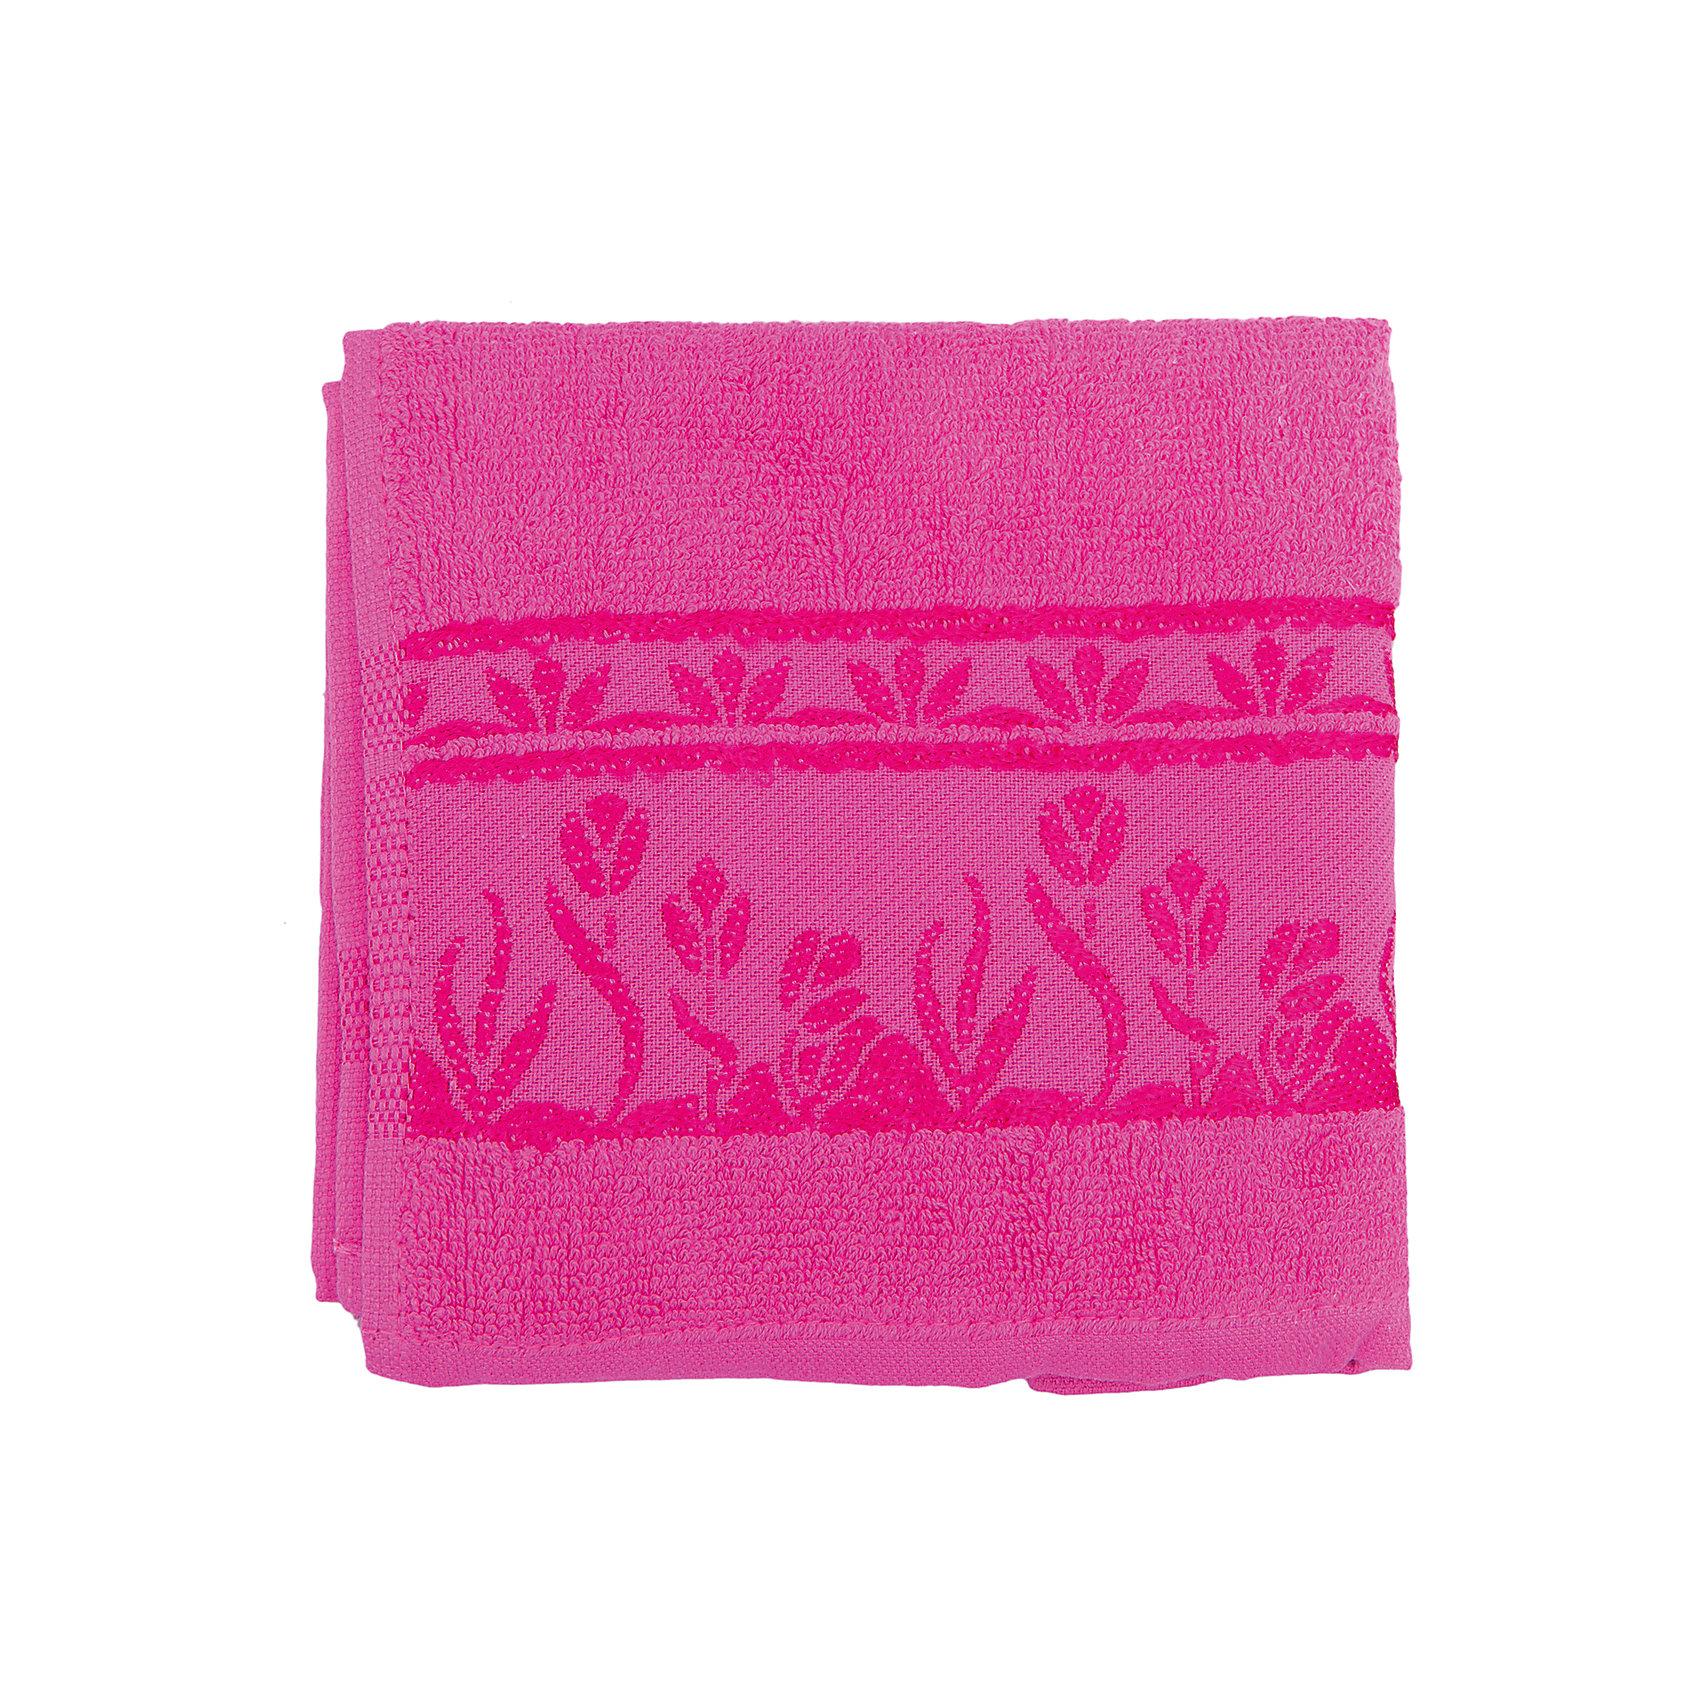 Полотенце махровое Tulips 40*75, Португалия, ярко-розовыйДомашний текстиль<br>Tulips - махровое полотенце из натурального качественного хлопка. Она хорошо впитает влагу и подарит вам ощущение мягкости после водных процедур. Полотенце износостойкое и хорошо сохраняет цвет. Украшено жаккардовым узором. <br><br>Дополнительная информация:<br>Материал: 100% хлопок<br>Плотность: 500 г/м2<br>Размер: 40х75 см<br>Цвет: ярко-розовый<br>Торговая марка: Португалия<br><br>Вы можете приобрести махровое полотенце Tulips  в нашем интернет-магазине.<br><br>Ширина мм: 500<br>Глубина мм: 500<br>Высота мм: 200<br>Вес г: 200<br>Возраст от месяцев: 0<br>Возраст до месяцев: 144<br>Пол: Унисекс<br>Возраст: Детский<br>SKU: 5010937